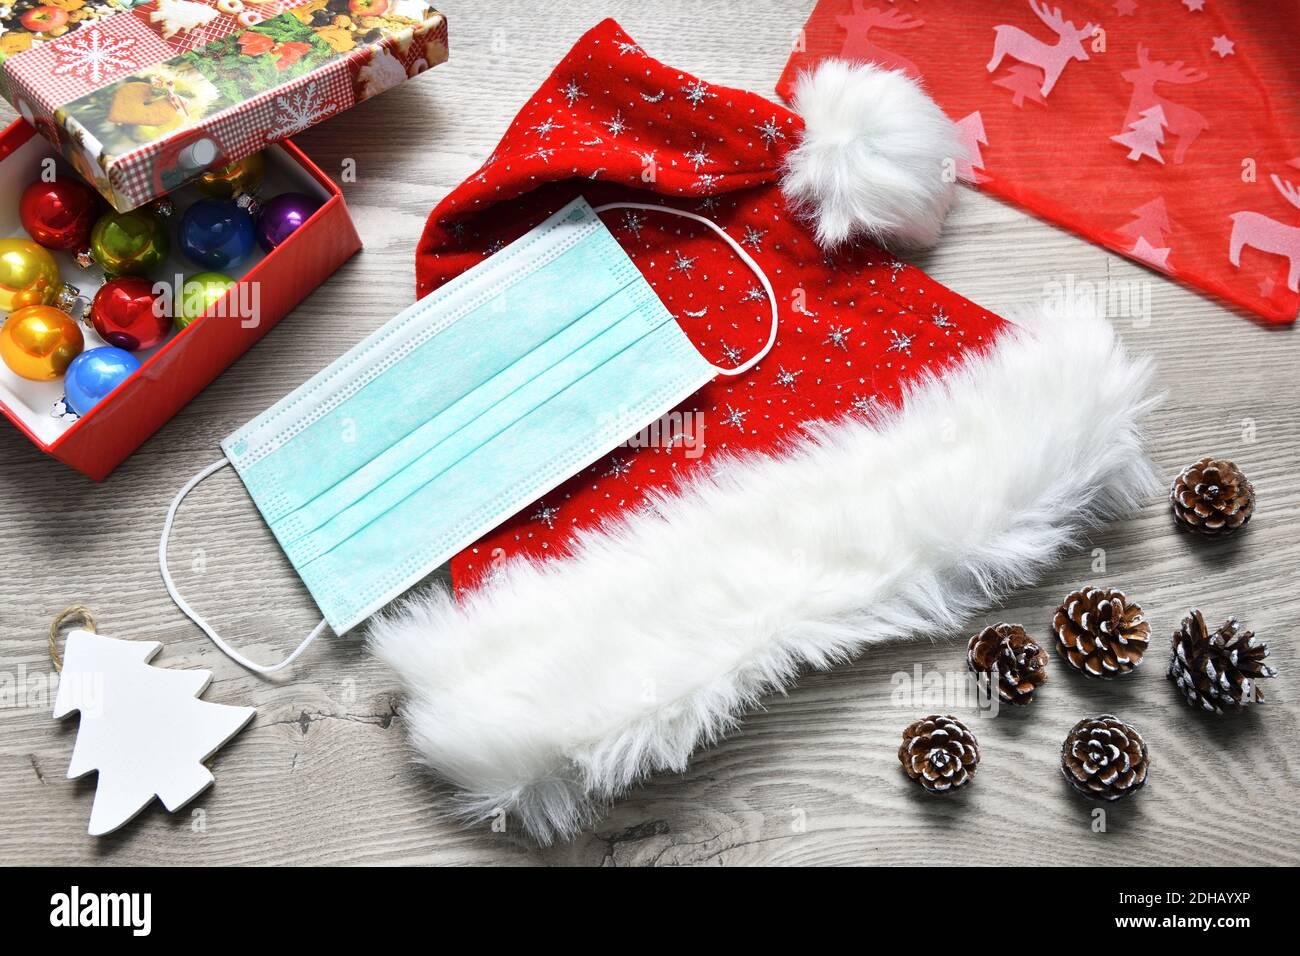 Schutzmaske auf Weihnachtsmannmütze, Weihnachtsfest zu Corona-Zeiten Stock Photo